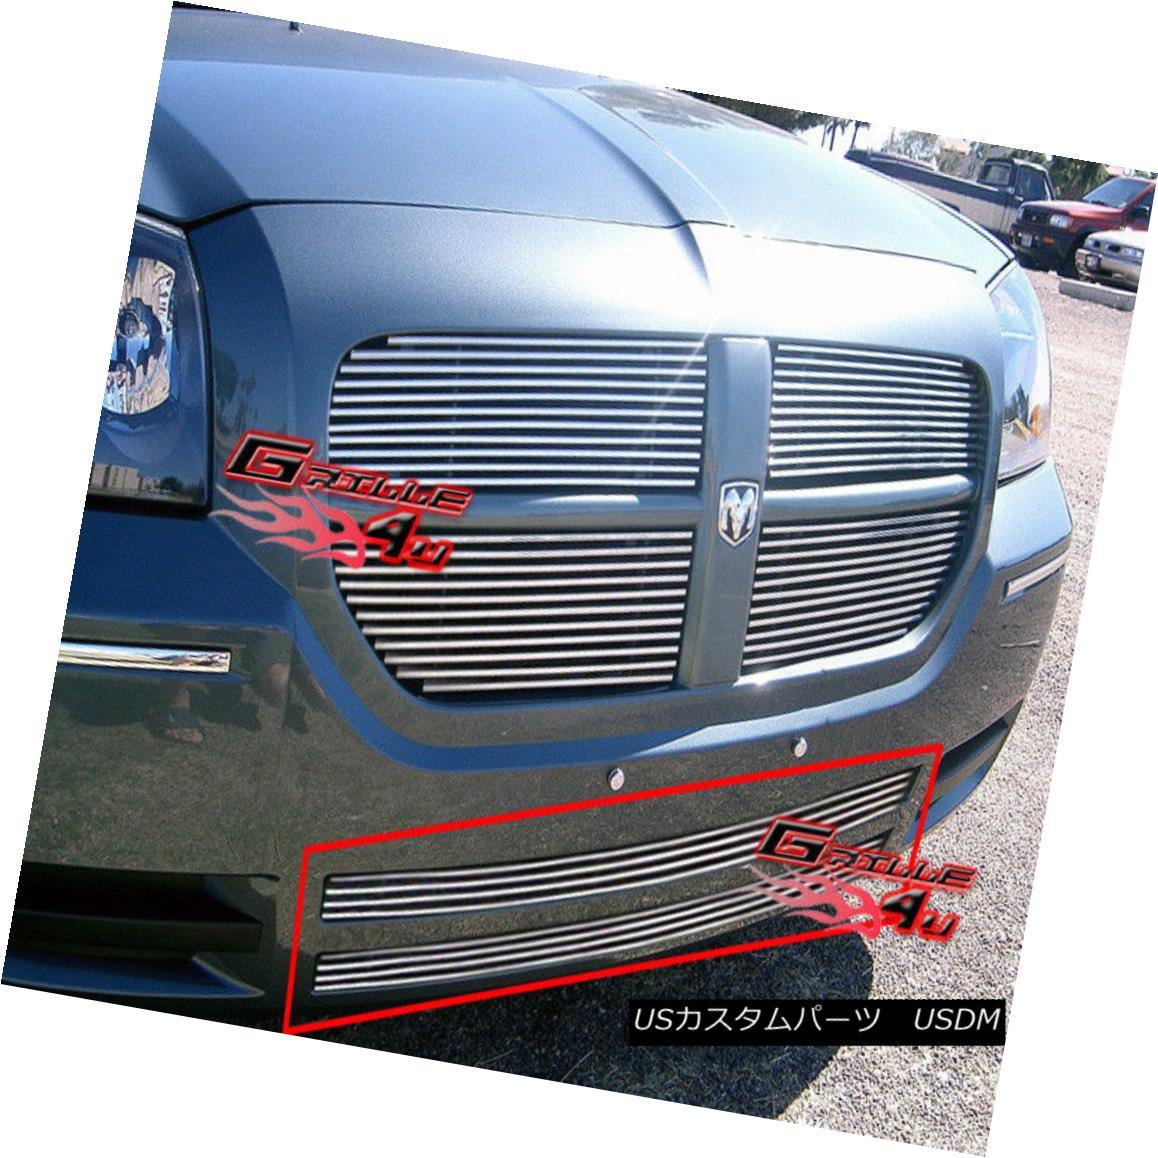 グリル Fits 2005-2007 Dodge Magnum Lower Bumper Billet Grille Insert 2005-2007 Dodge Magnumロワーバンパービレットグリルインサート